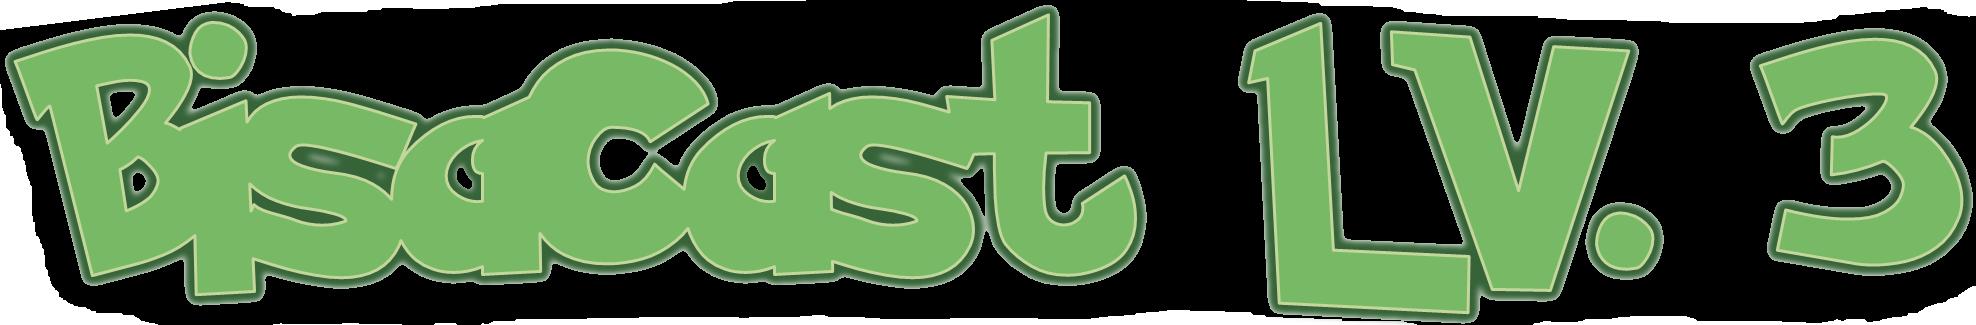 BisaCast_Logo3